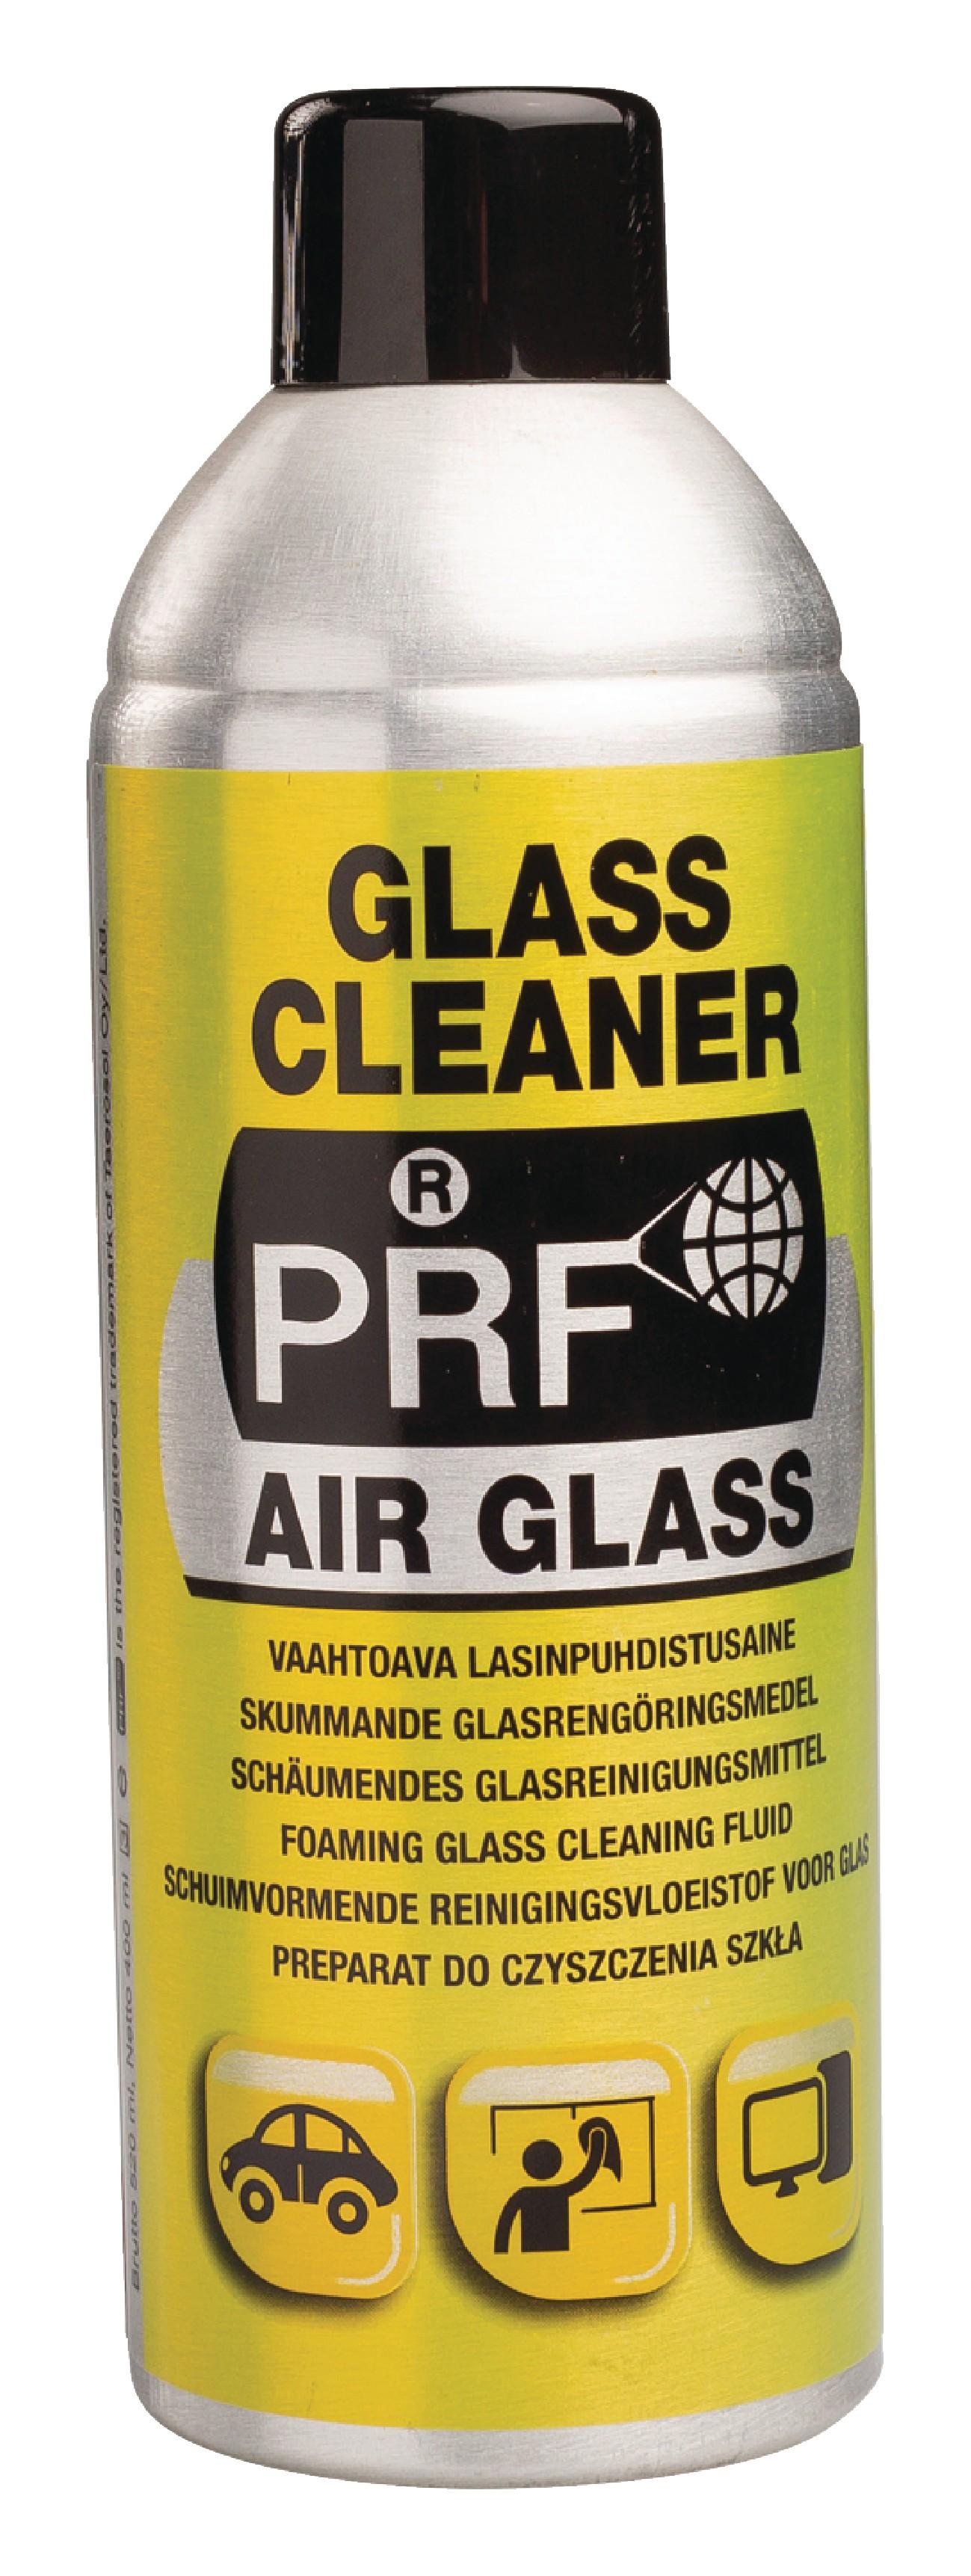 Univerzální čisticí sprej na sklo 520 ml PRF AGLASS/520